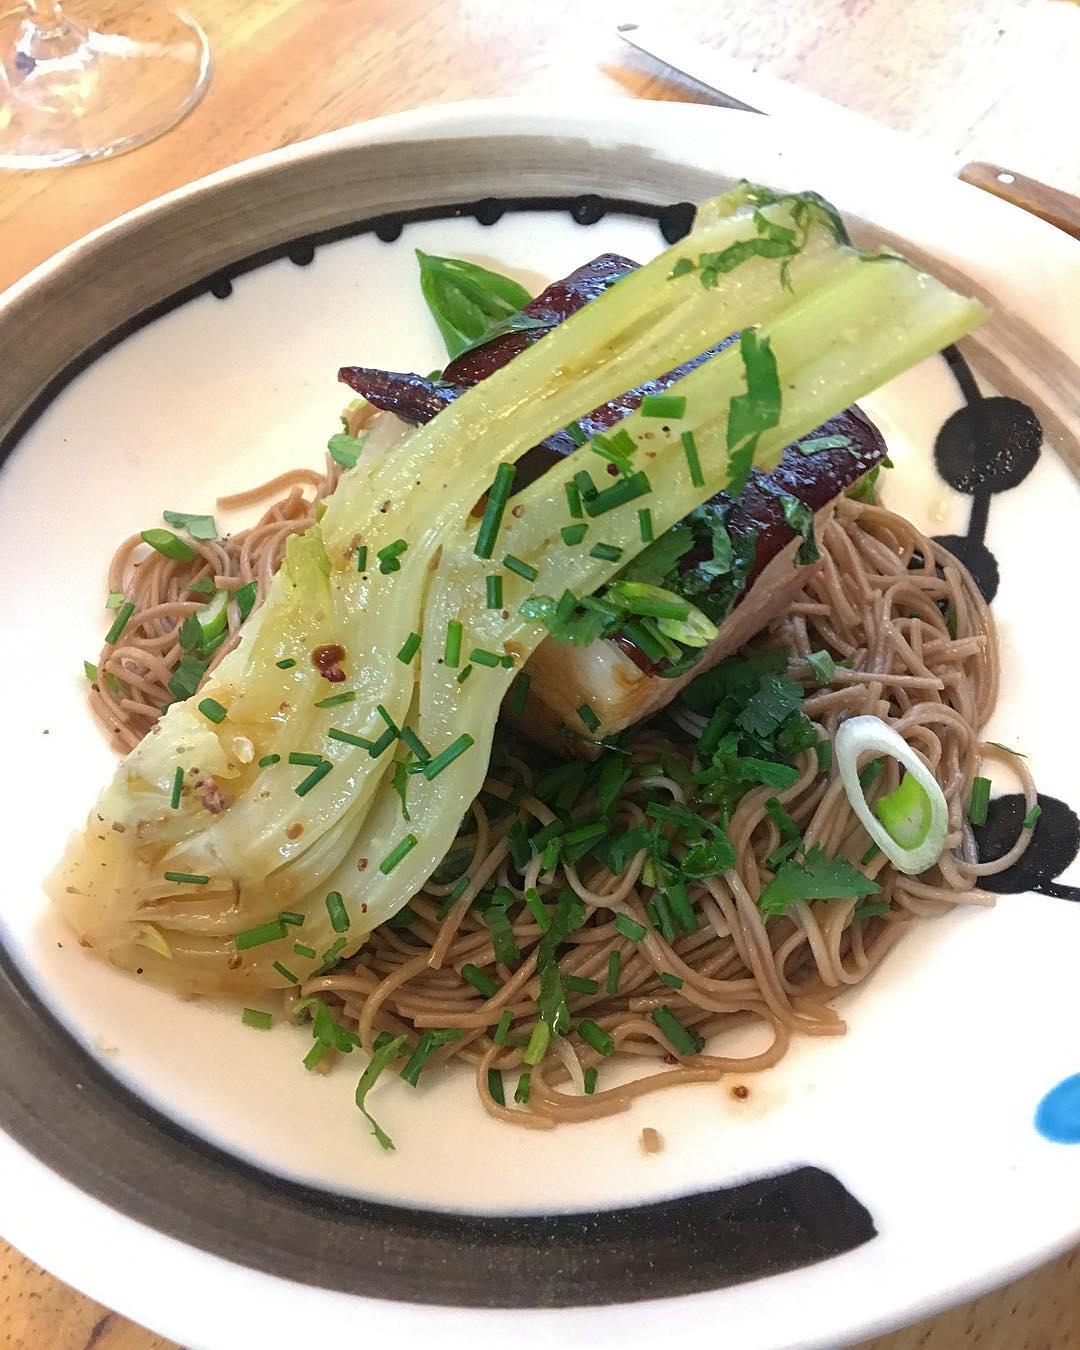 Poitrine de porc Tirabuixo, Fenouil Confit, Soba, Poivre de Sichuan ?? . .  Toujours une régalade d'aller chez les garçons @restaurantanga ! Toujours des découvertes gustatives... ils sont forts! . . ➕ ANGA • Restaurant . ?MONTPELLIER(34)?? ??? Article sur le blog {lien dans la bio} ______ #anga #angamontpellier #angarestaurant #bibmichelin #Food #gastronomie #cooking #foodblog #Blog #PintadeMontpellier #Montpellier #BlogueuseFood #BlogFood #foodblogger #montpellier #lunch #diner